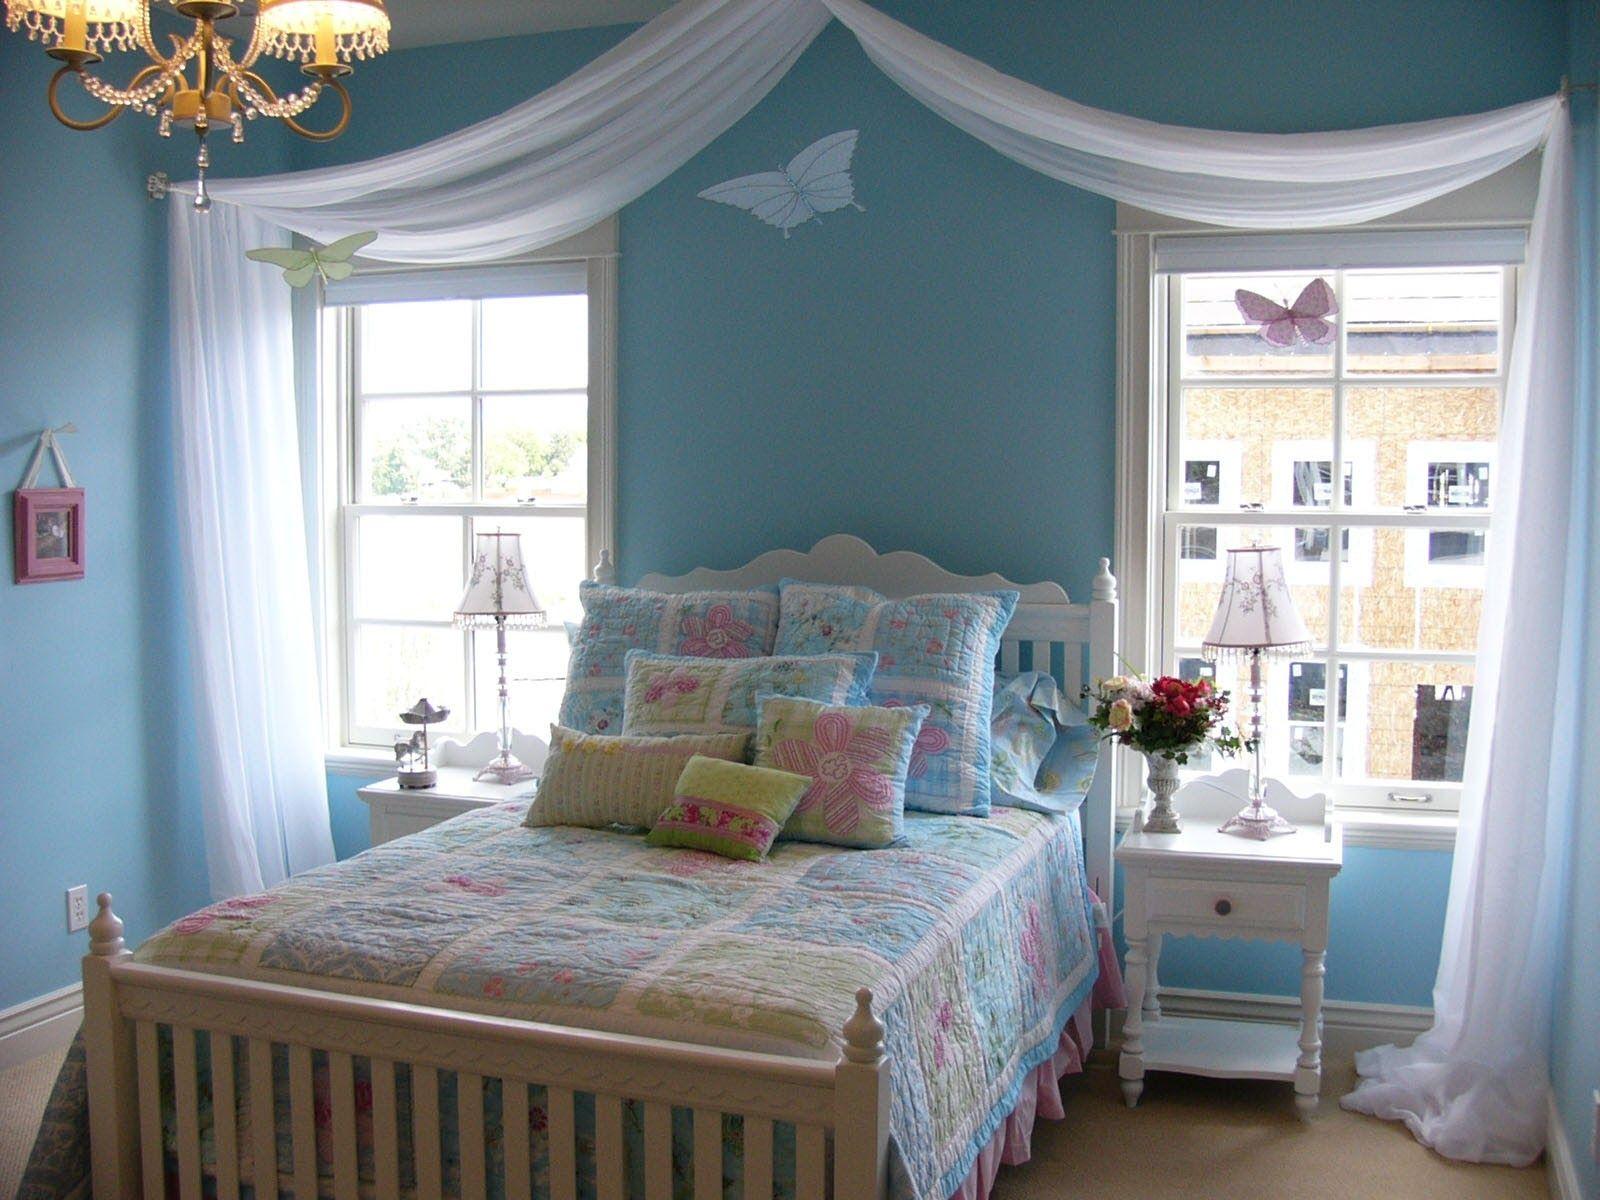 Dormitorios infantiles recamaras para bebes y ni os for Habitaciones juveniles economicas